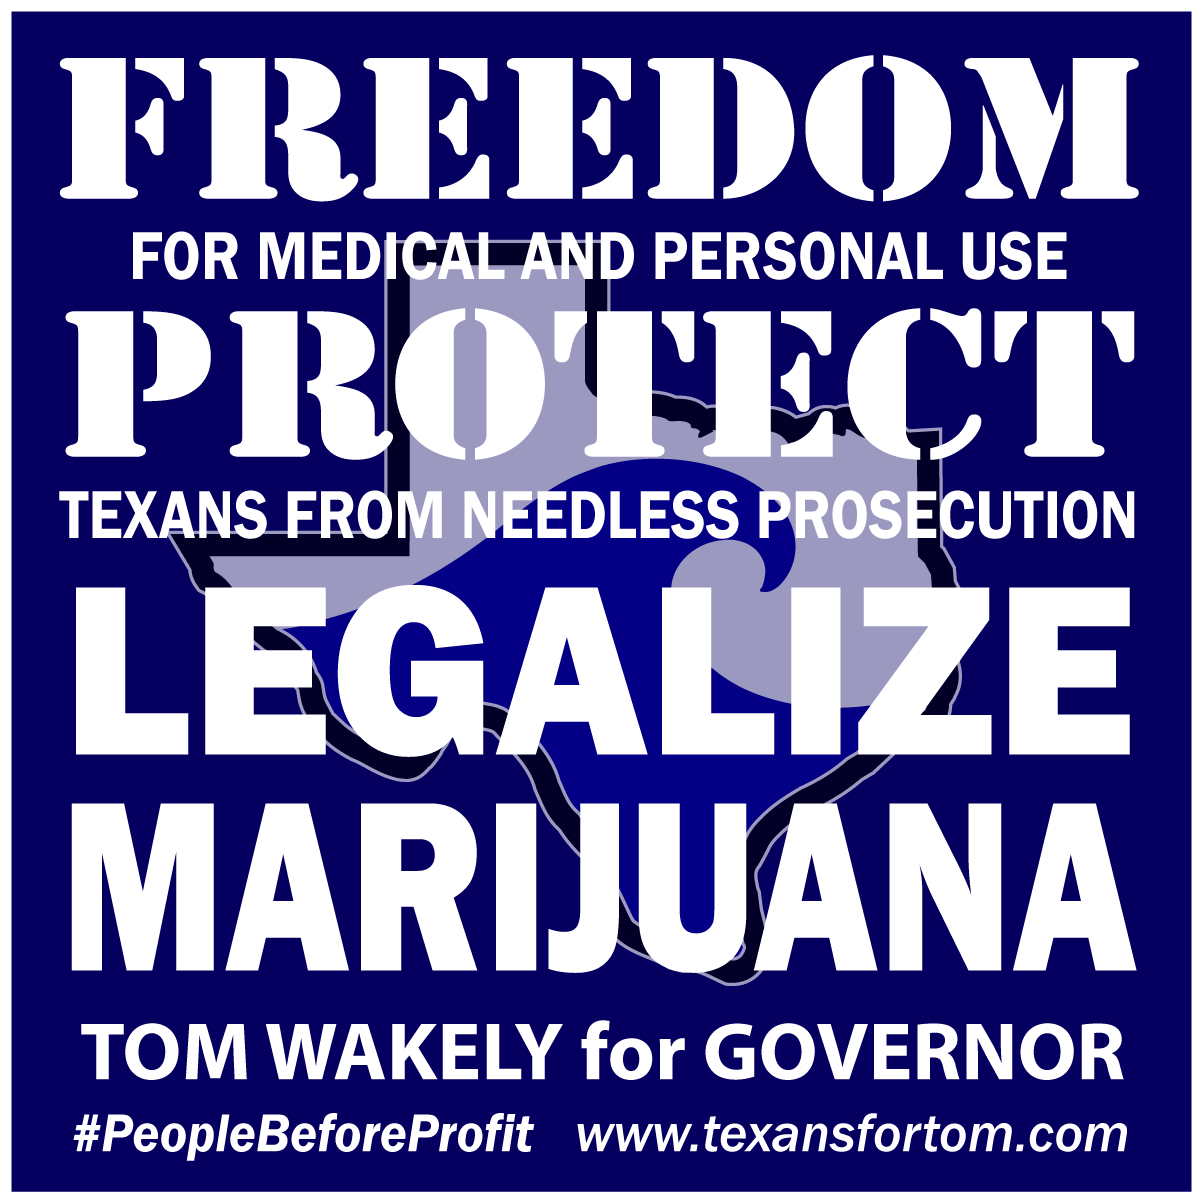 2_Legalize-Marijuana.png